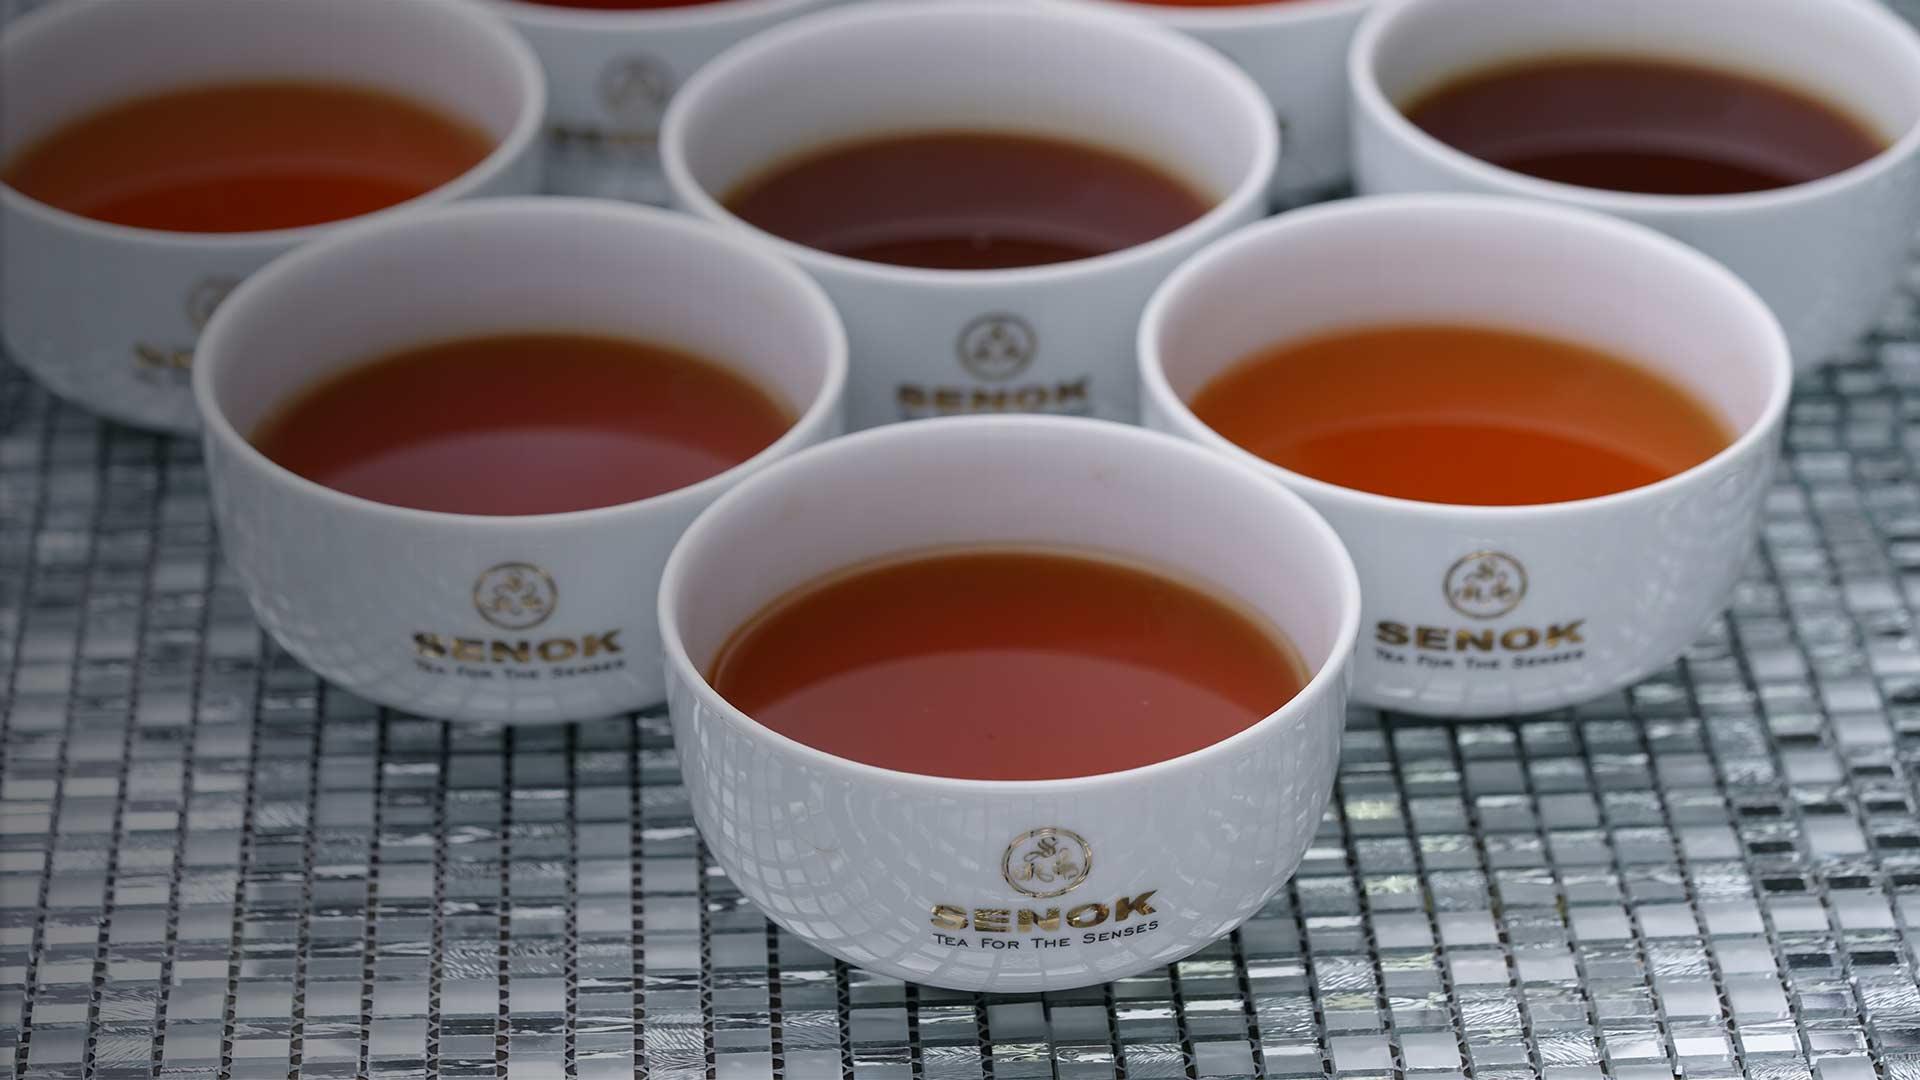 Senok - Tea